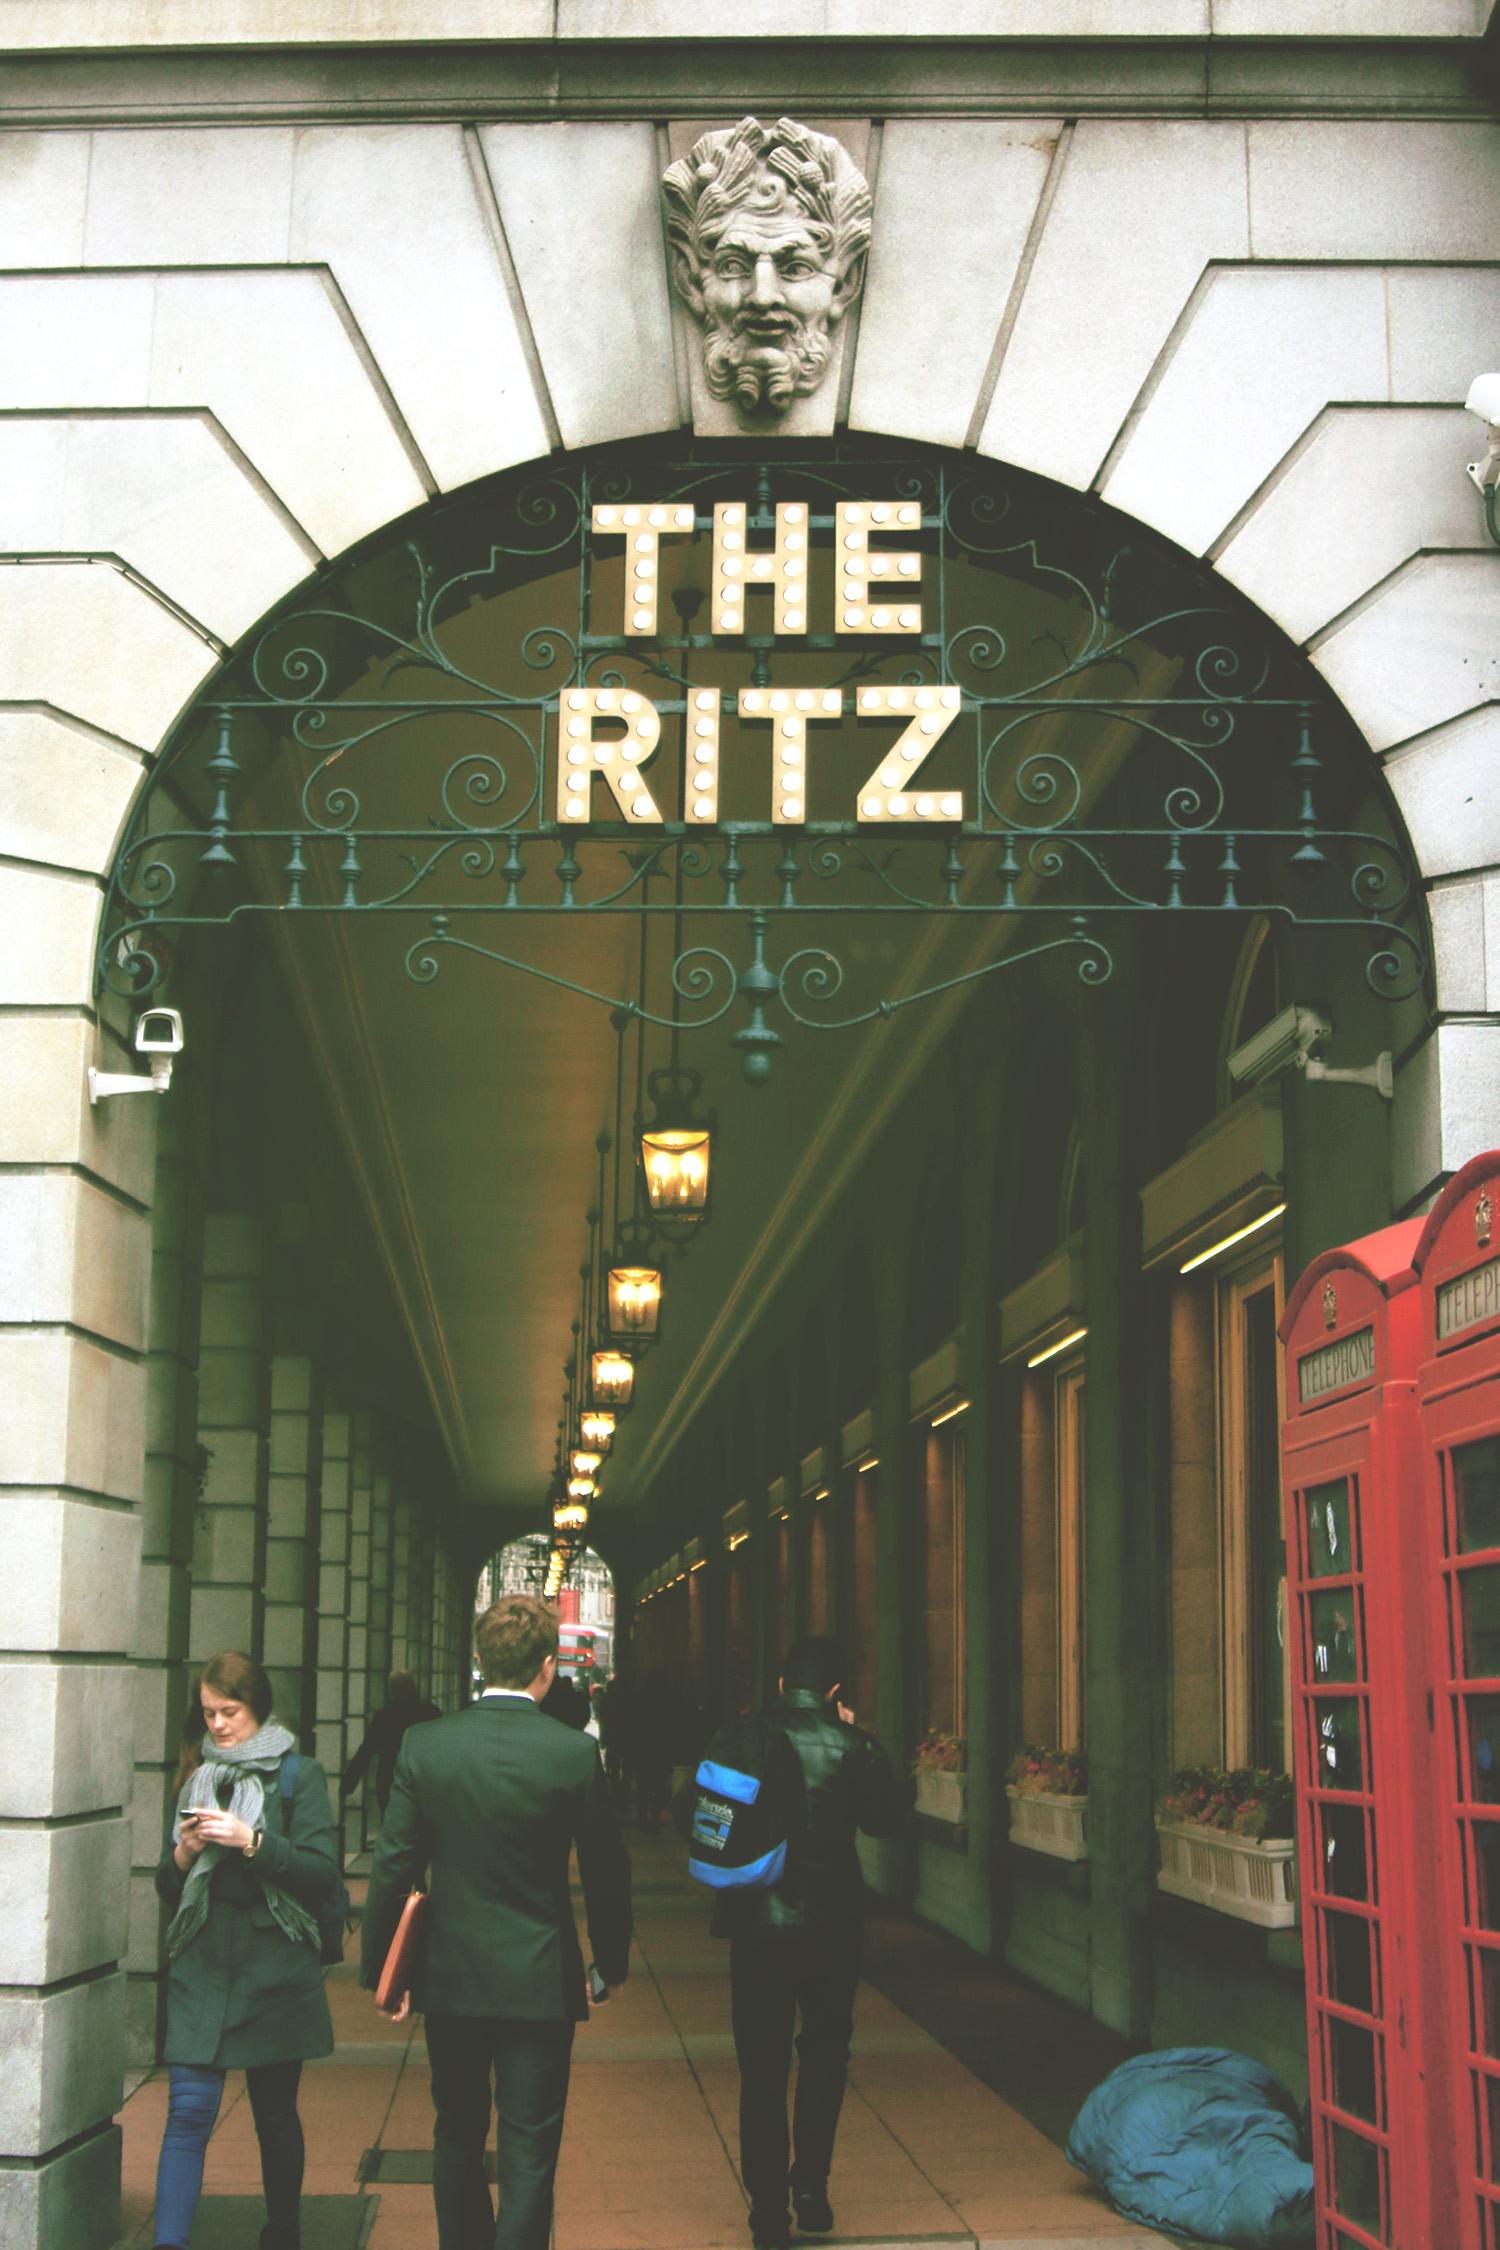 theritz